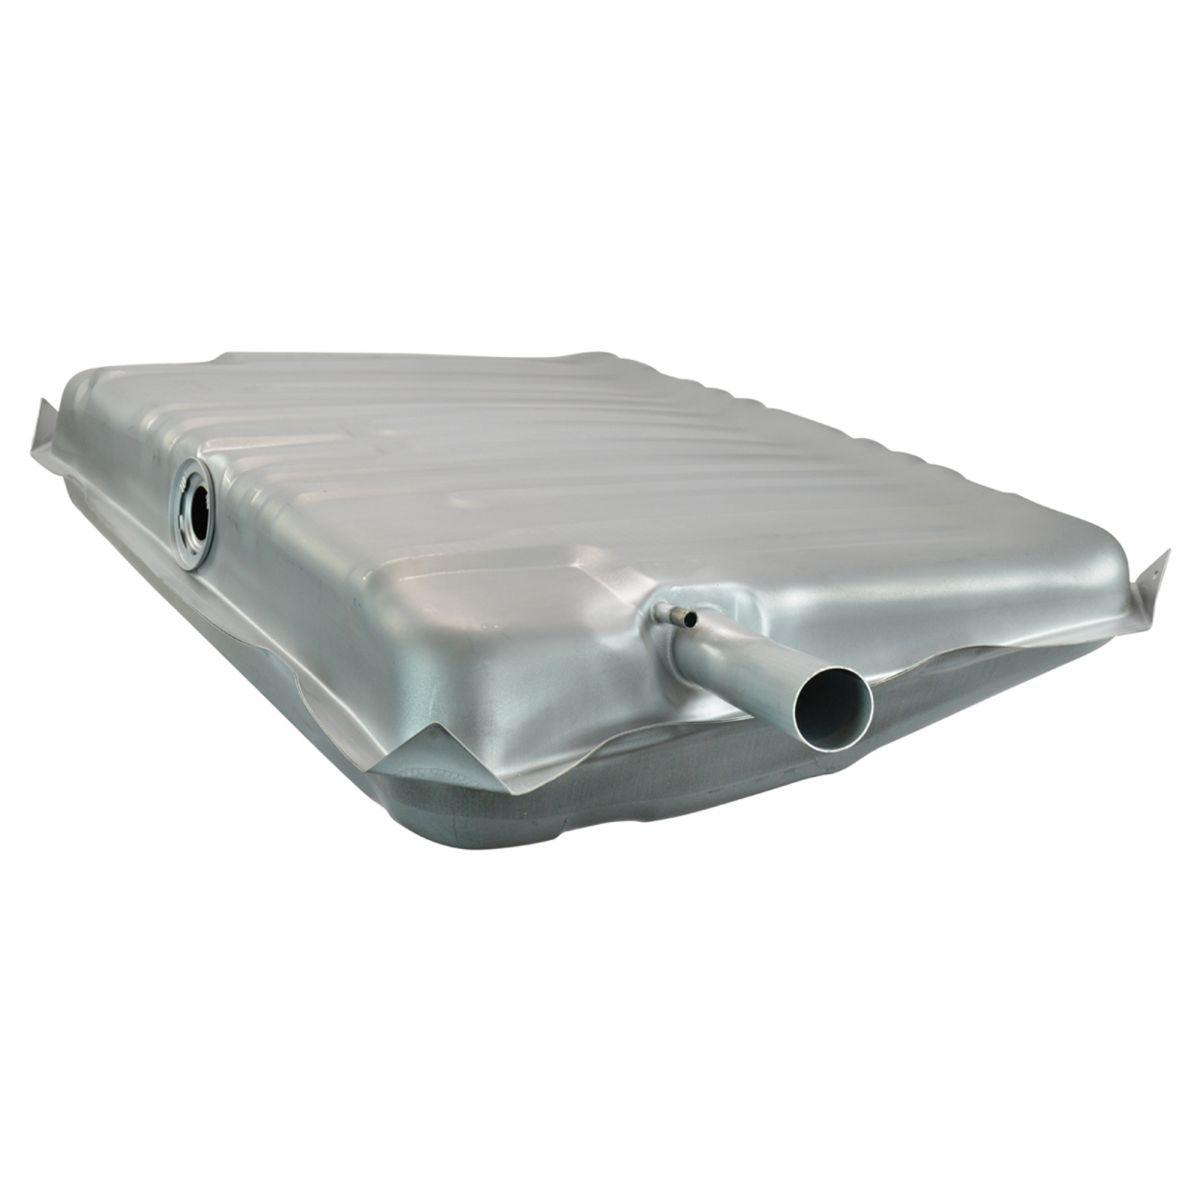 fuel gas tank 20 gallon for 64 67 chevy chevelle malibu el camino ebay. Black Bedroom Furniture Sets. Home Design Ideas